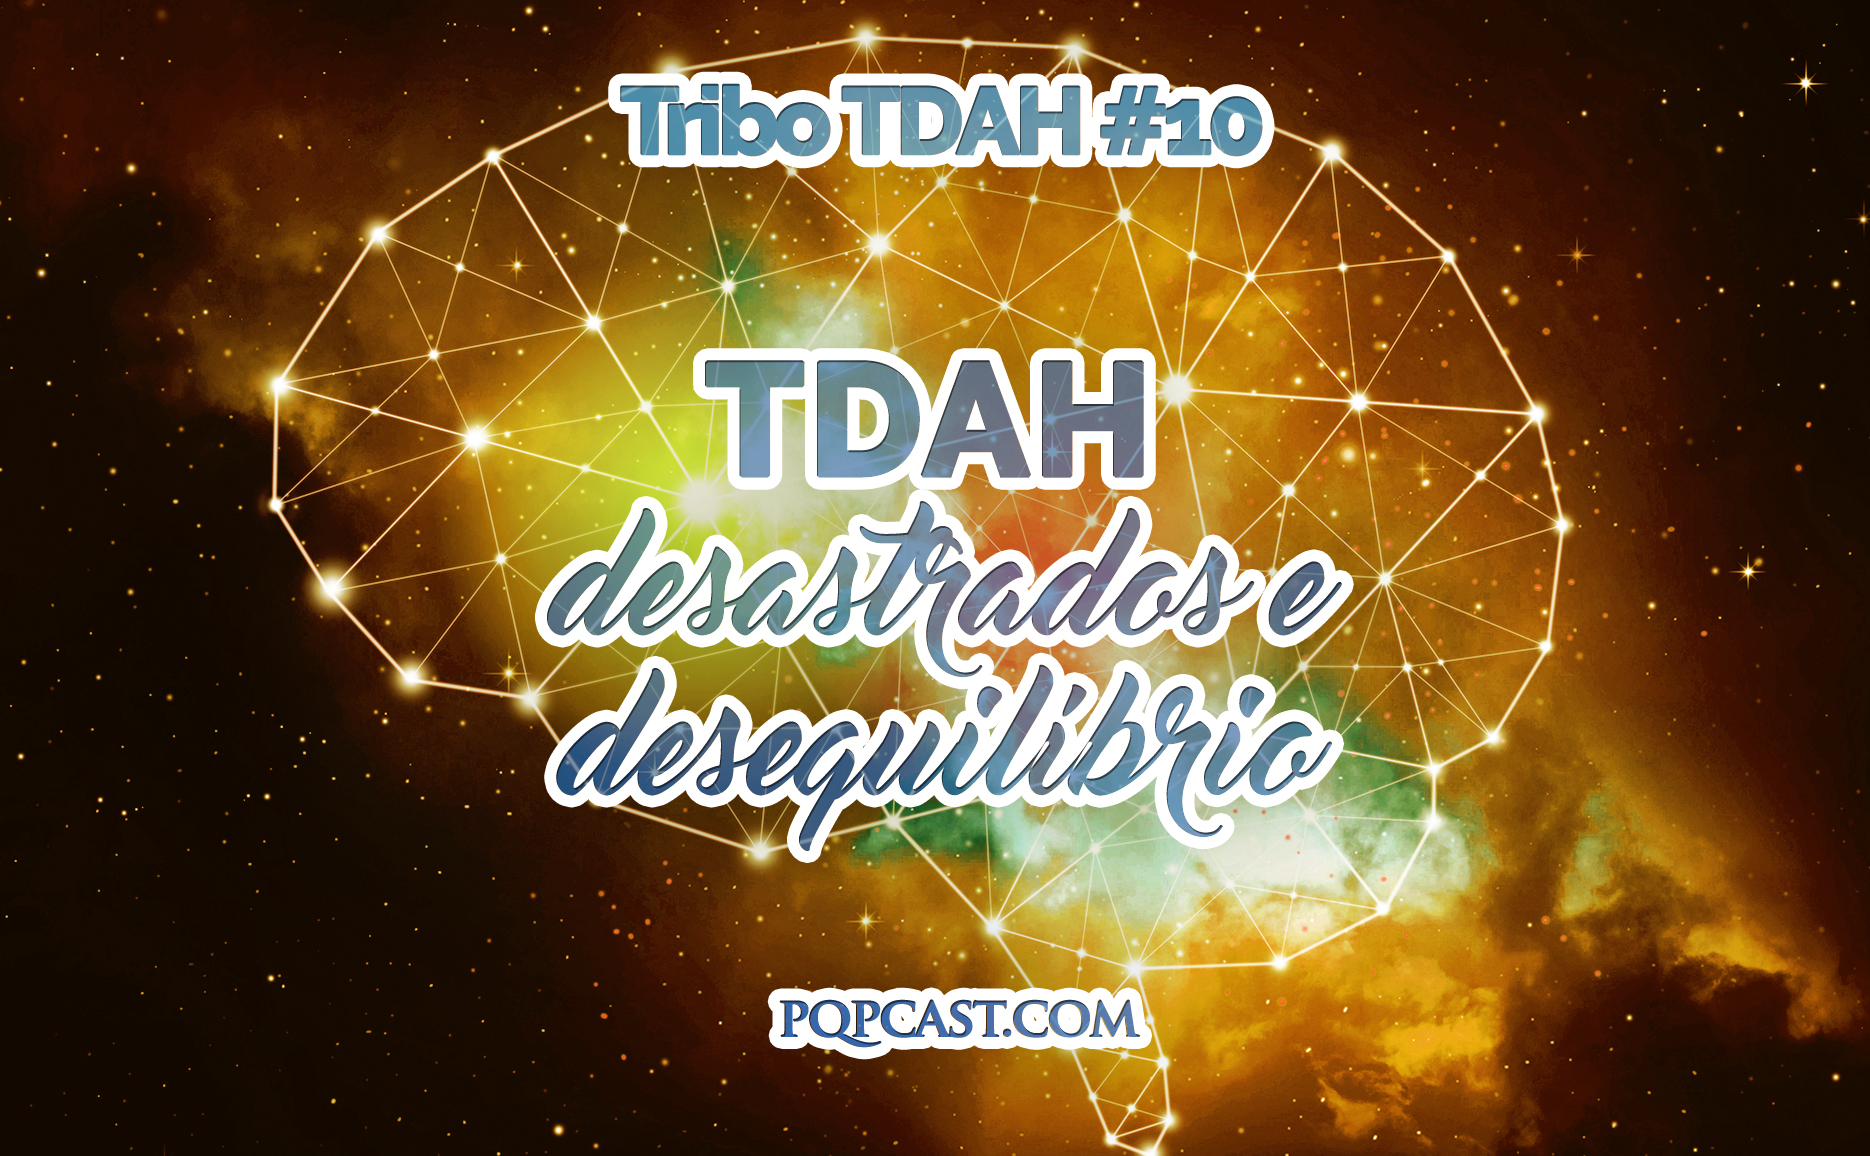 Tribo TDAH #10 - TDAH, desastrados e desequilíbrio.jpg